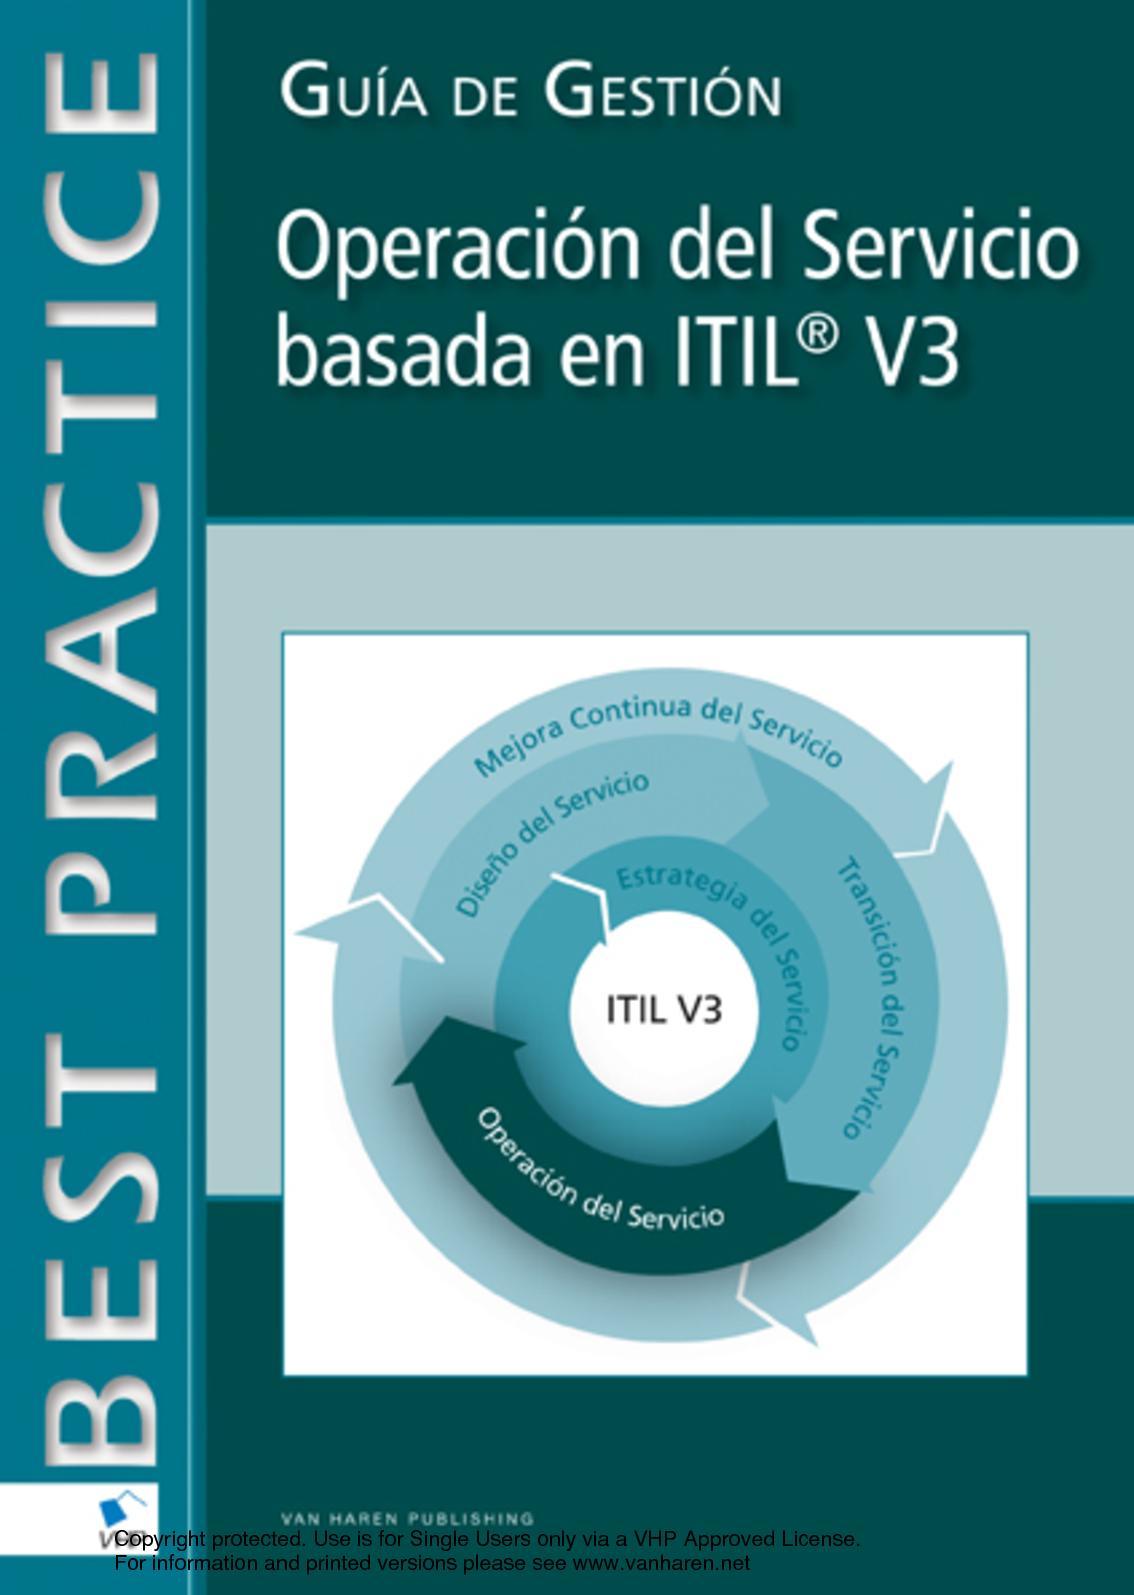 89433757 4 Operacion Del Servicio (1)